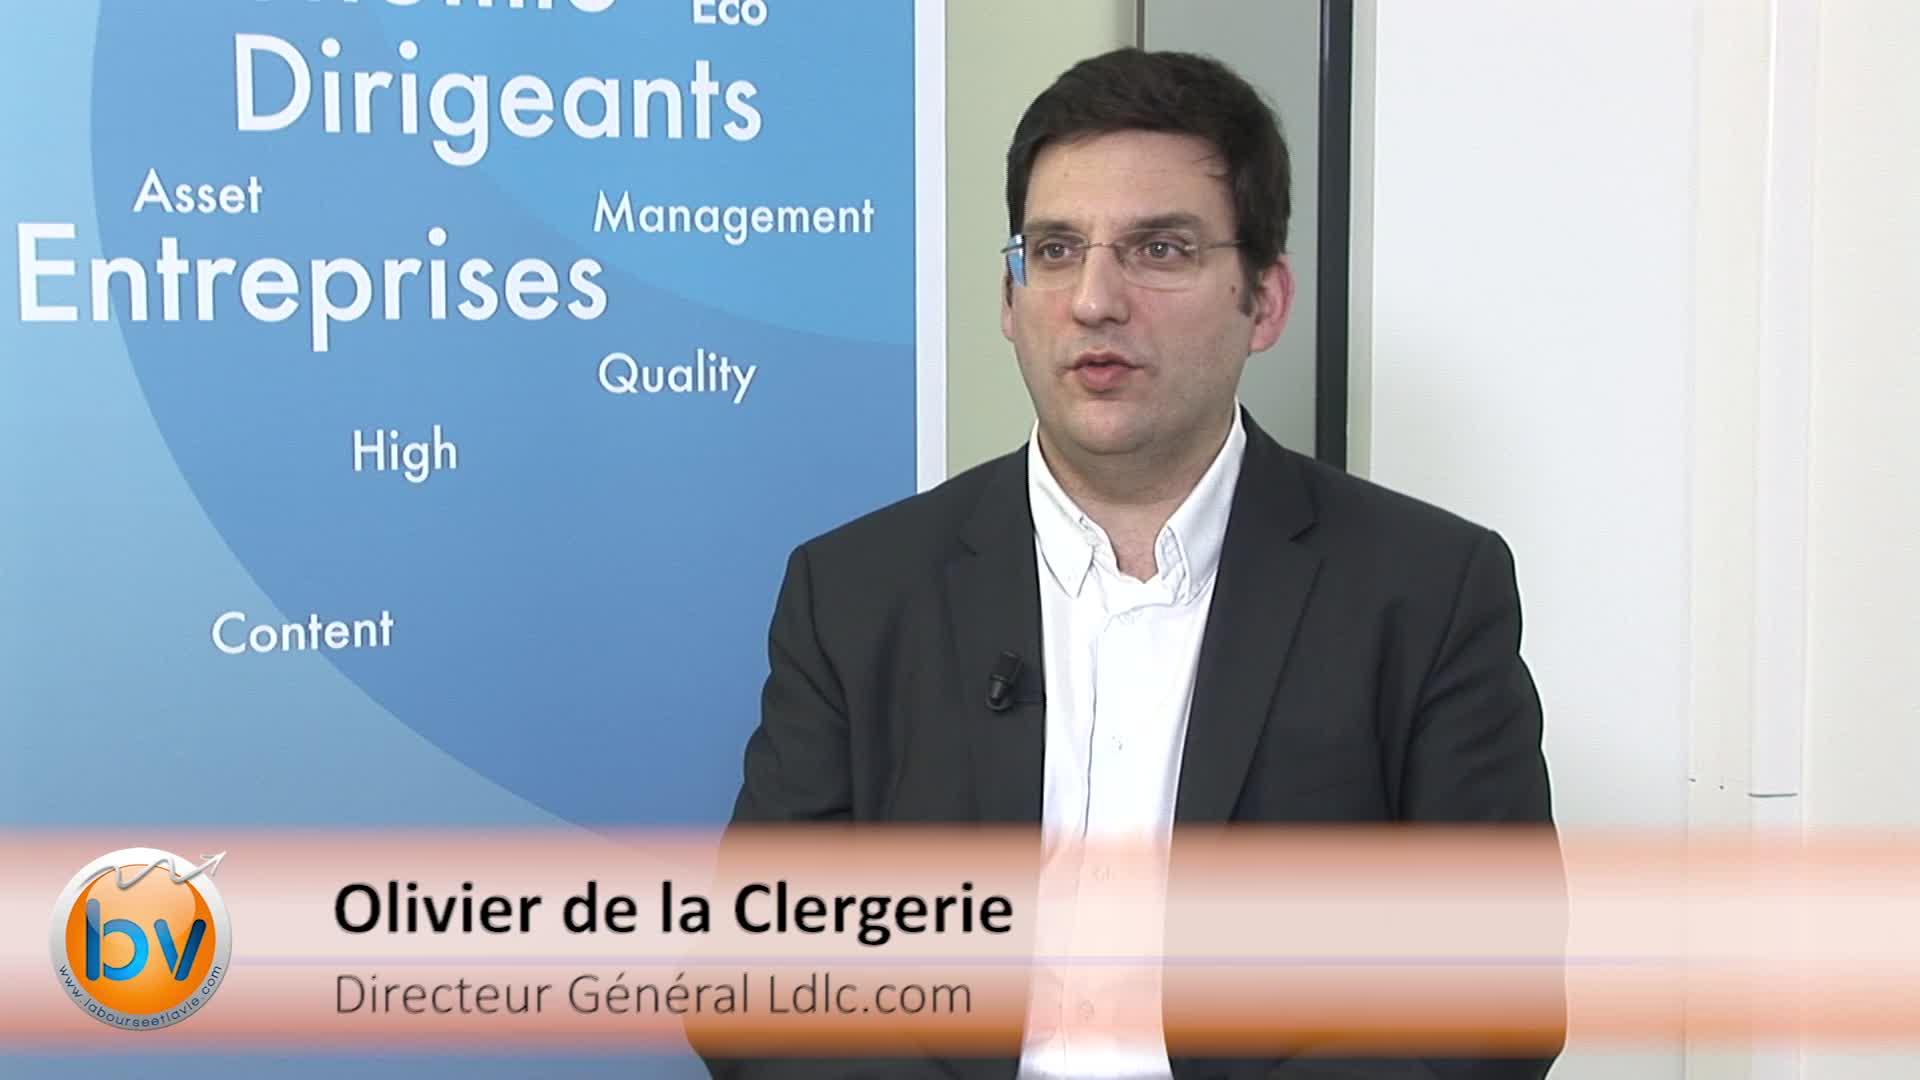 """Olivier de la Clergerie Directeur Général Ldlc.com : """"Des capacités de synergies importantes"""""""